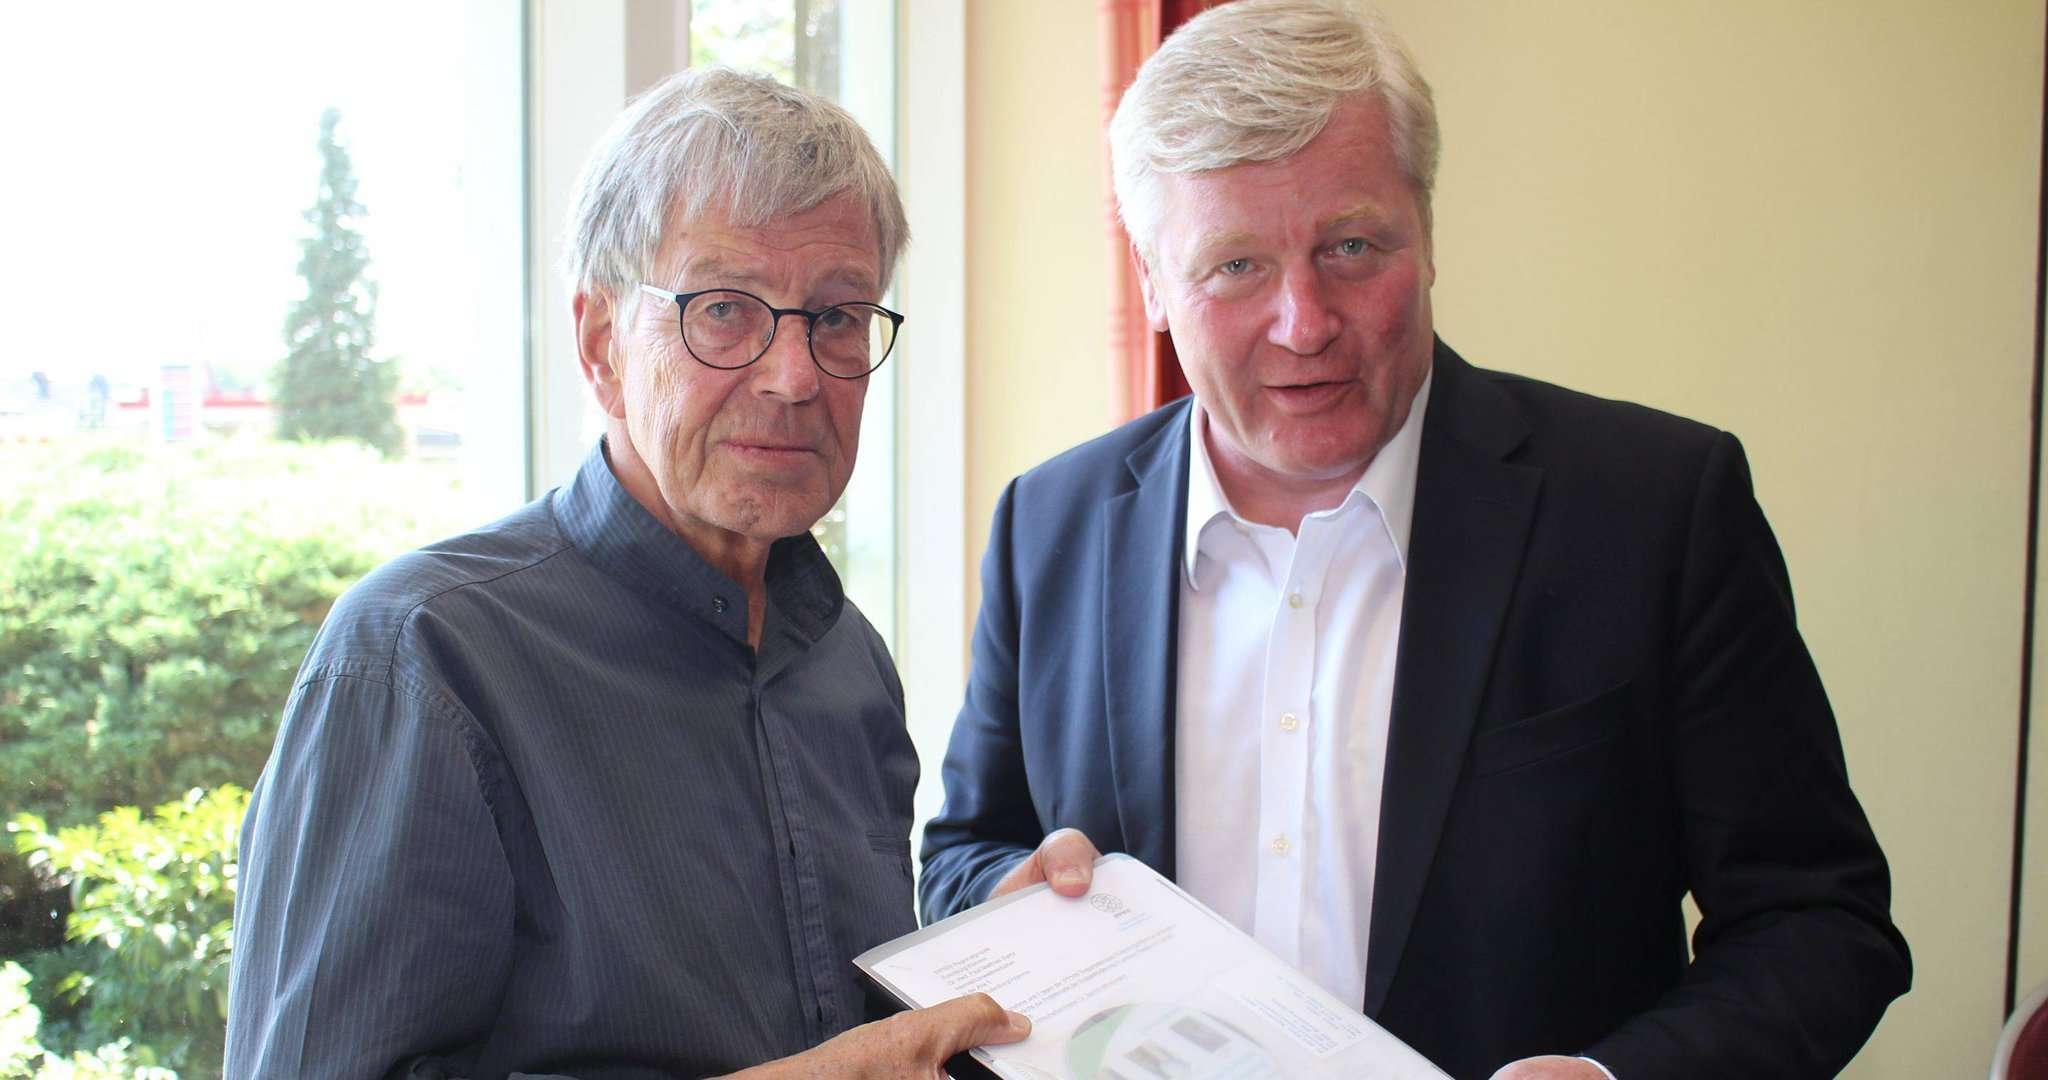 Paul Matthias Bantz (links) überreichte Bernd Althusmann eine Zusammenstellung aus internationalen Studien zu den Zusammenhängen zwischen der Erdgasförderung und den erhöhten Zahlen an Krebserkrankungen. Foto: Henning Leeske